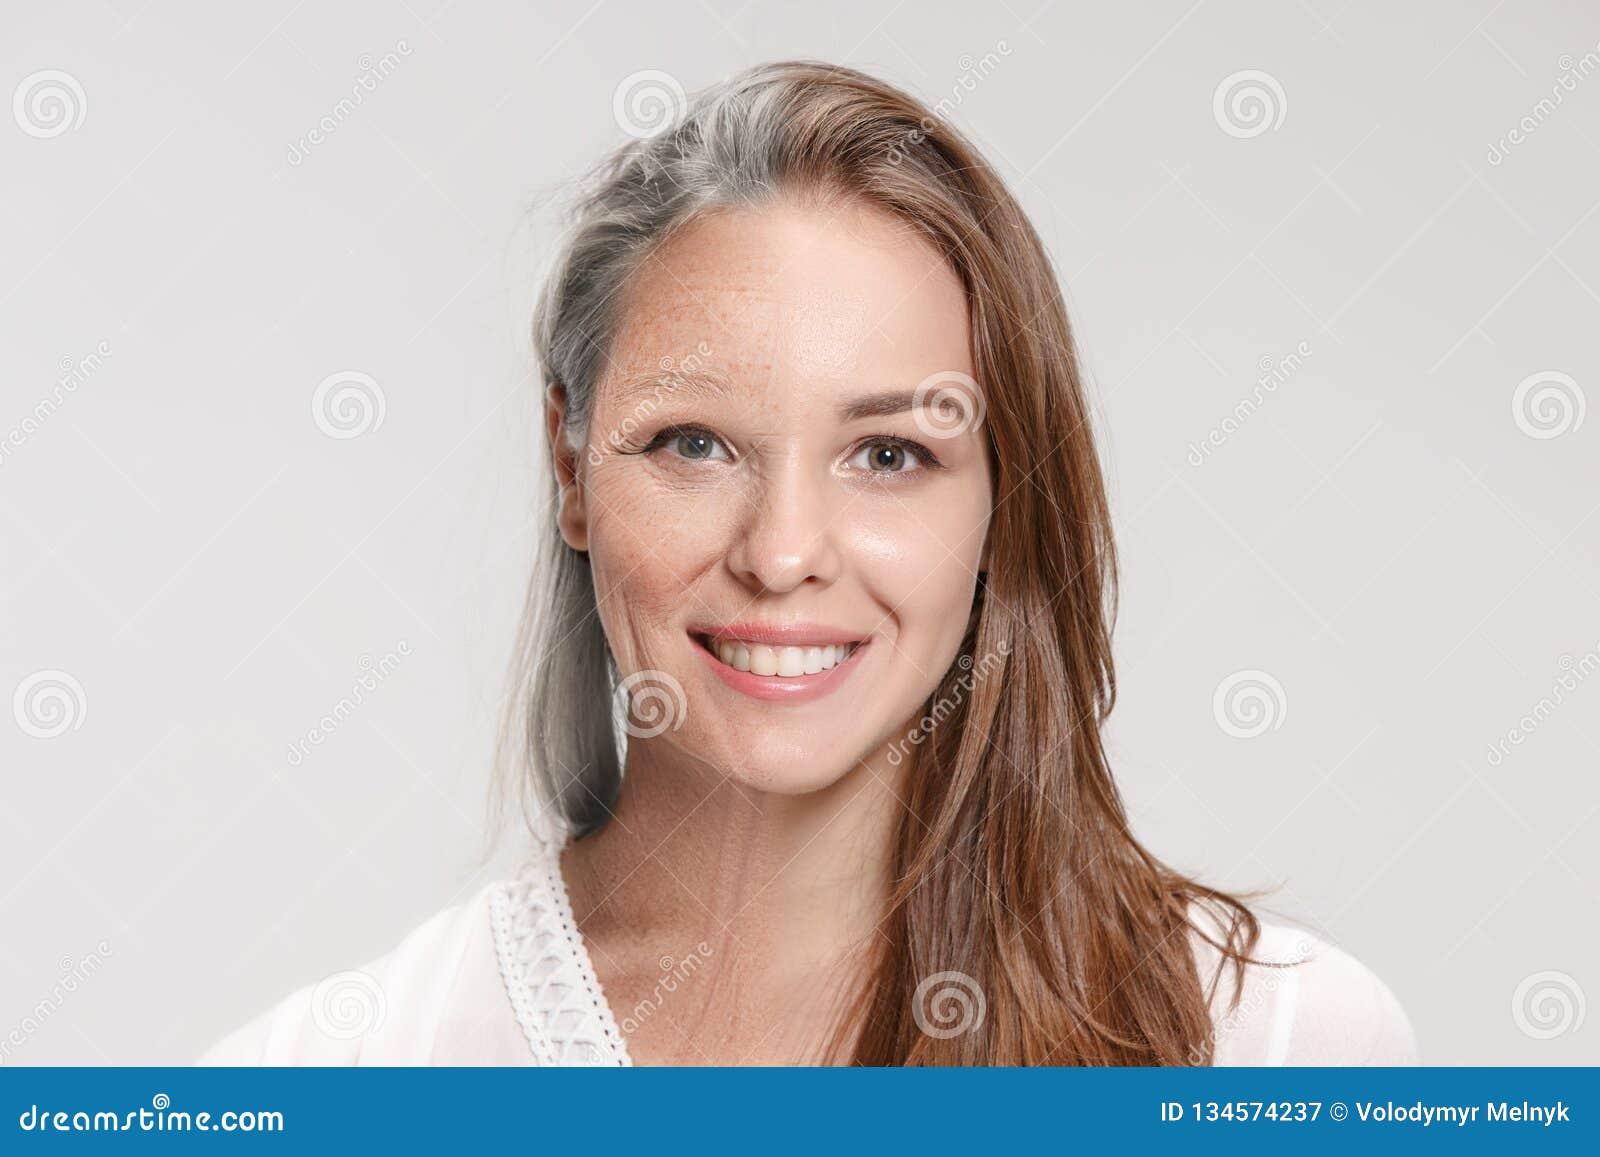 Comparaison Portrait de belle femme avec le problème et le concept propre de peau, de vieillissement et de jeunesse, traitement d